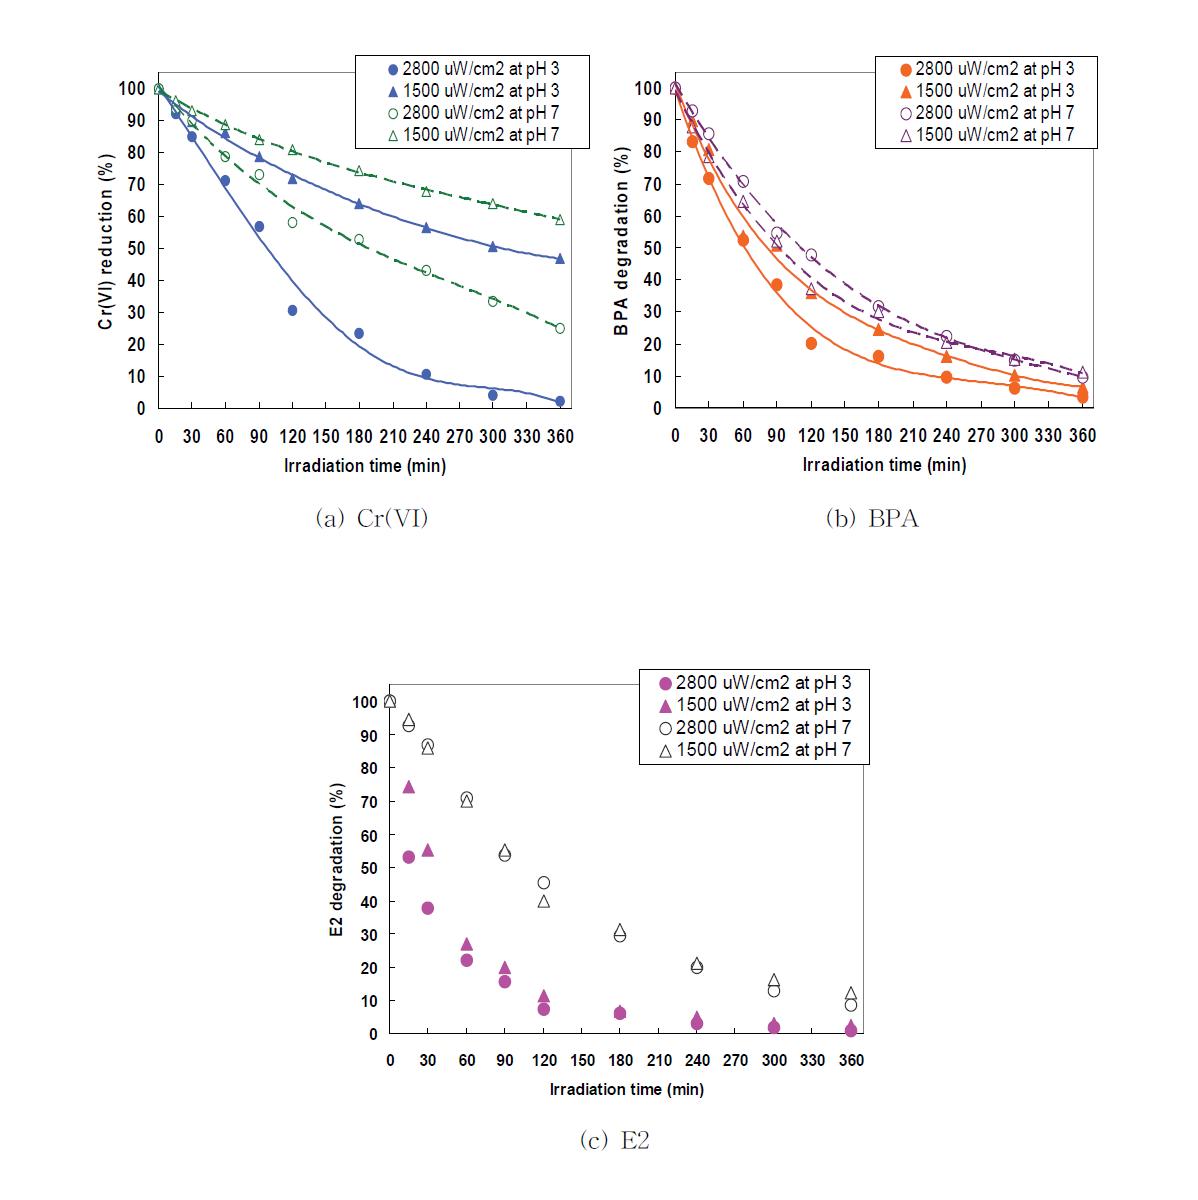 빛에너지 조사강도별 복합오염물질 제거 경향 비교